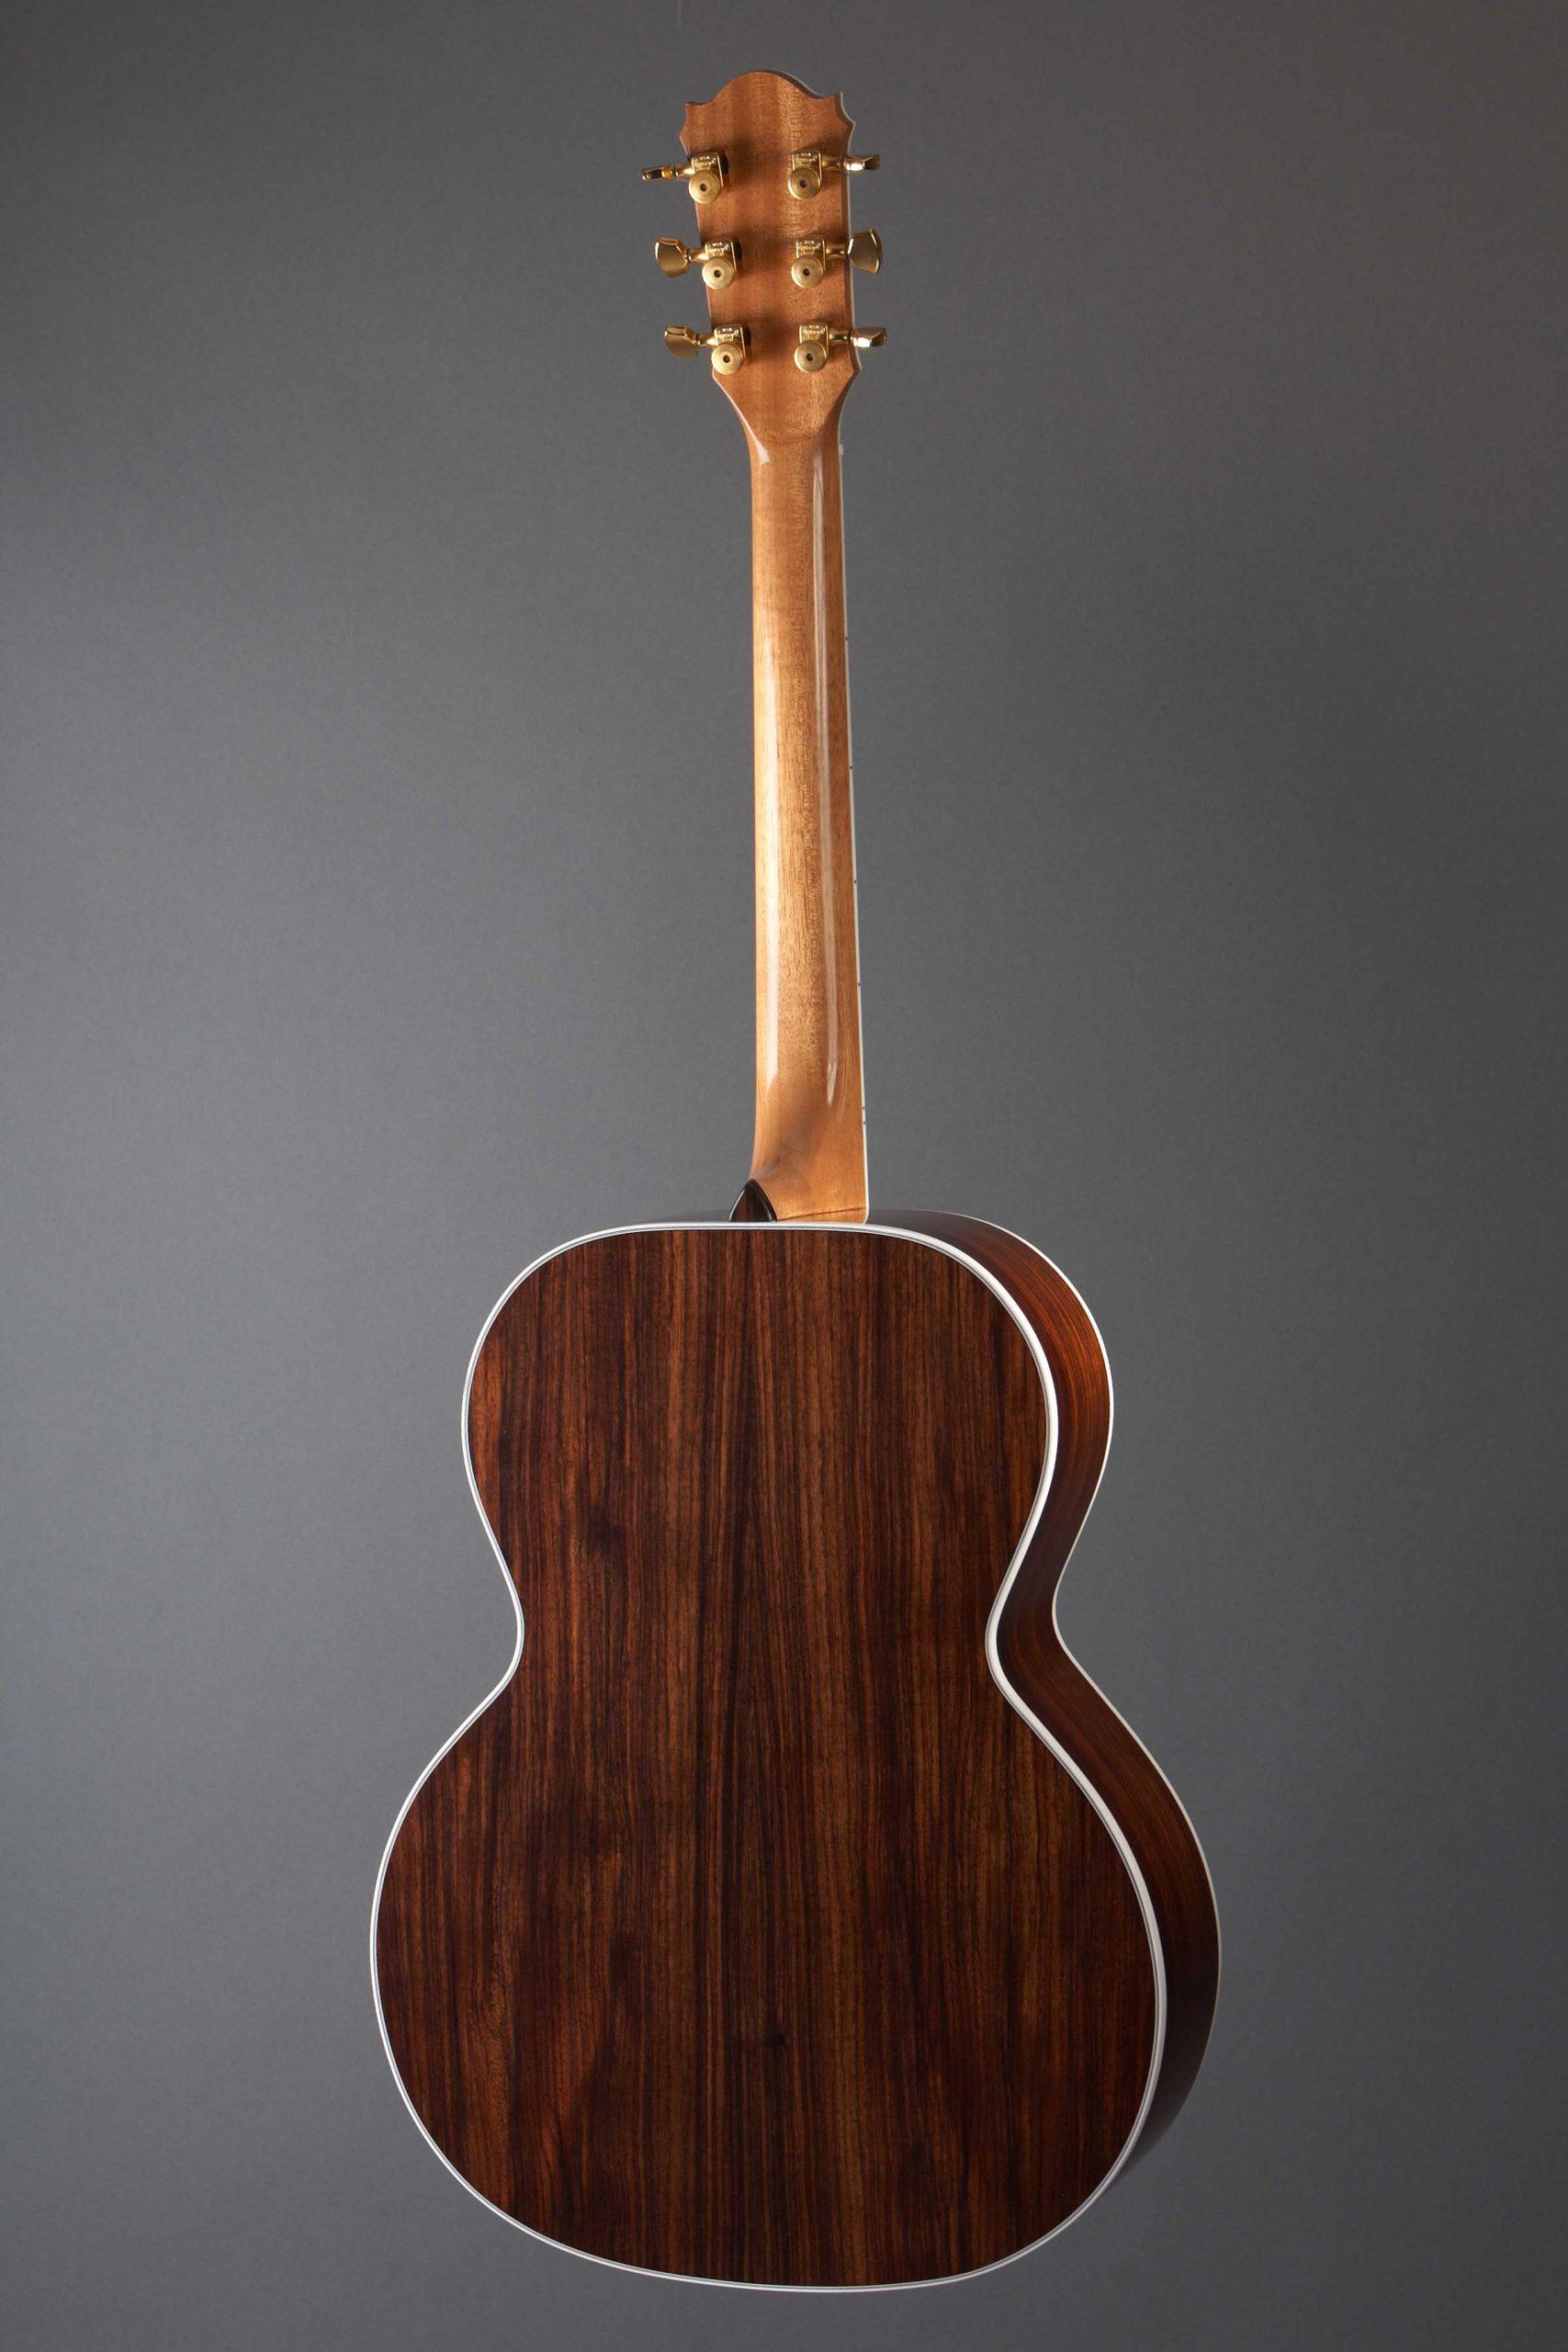 guitare acoustique de luthier faite sur la rive sud de Montréal au canada